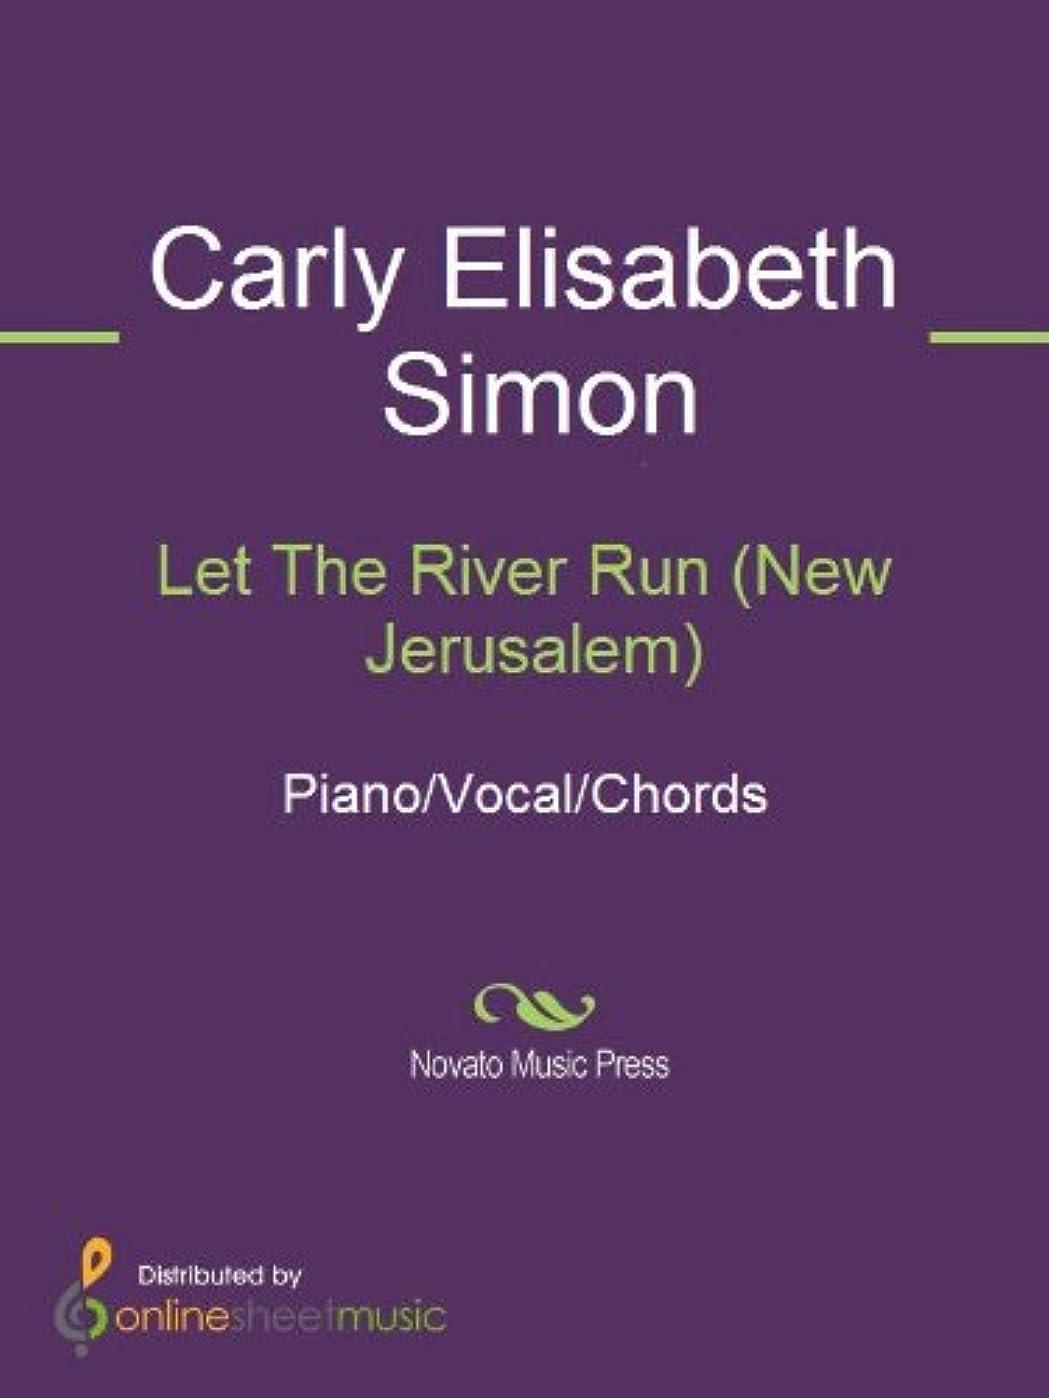 優しさ時計クリーナーLet The River Run (New Jerusalem) (English Edition)